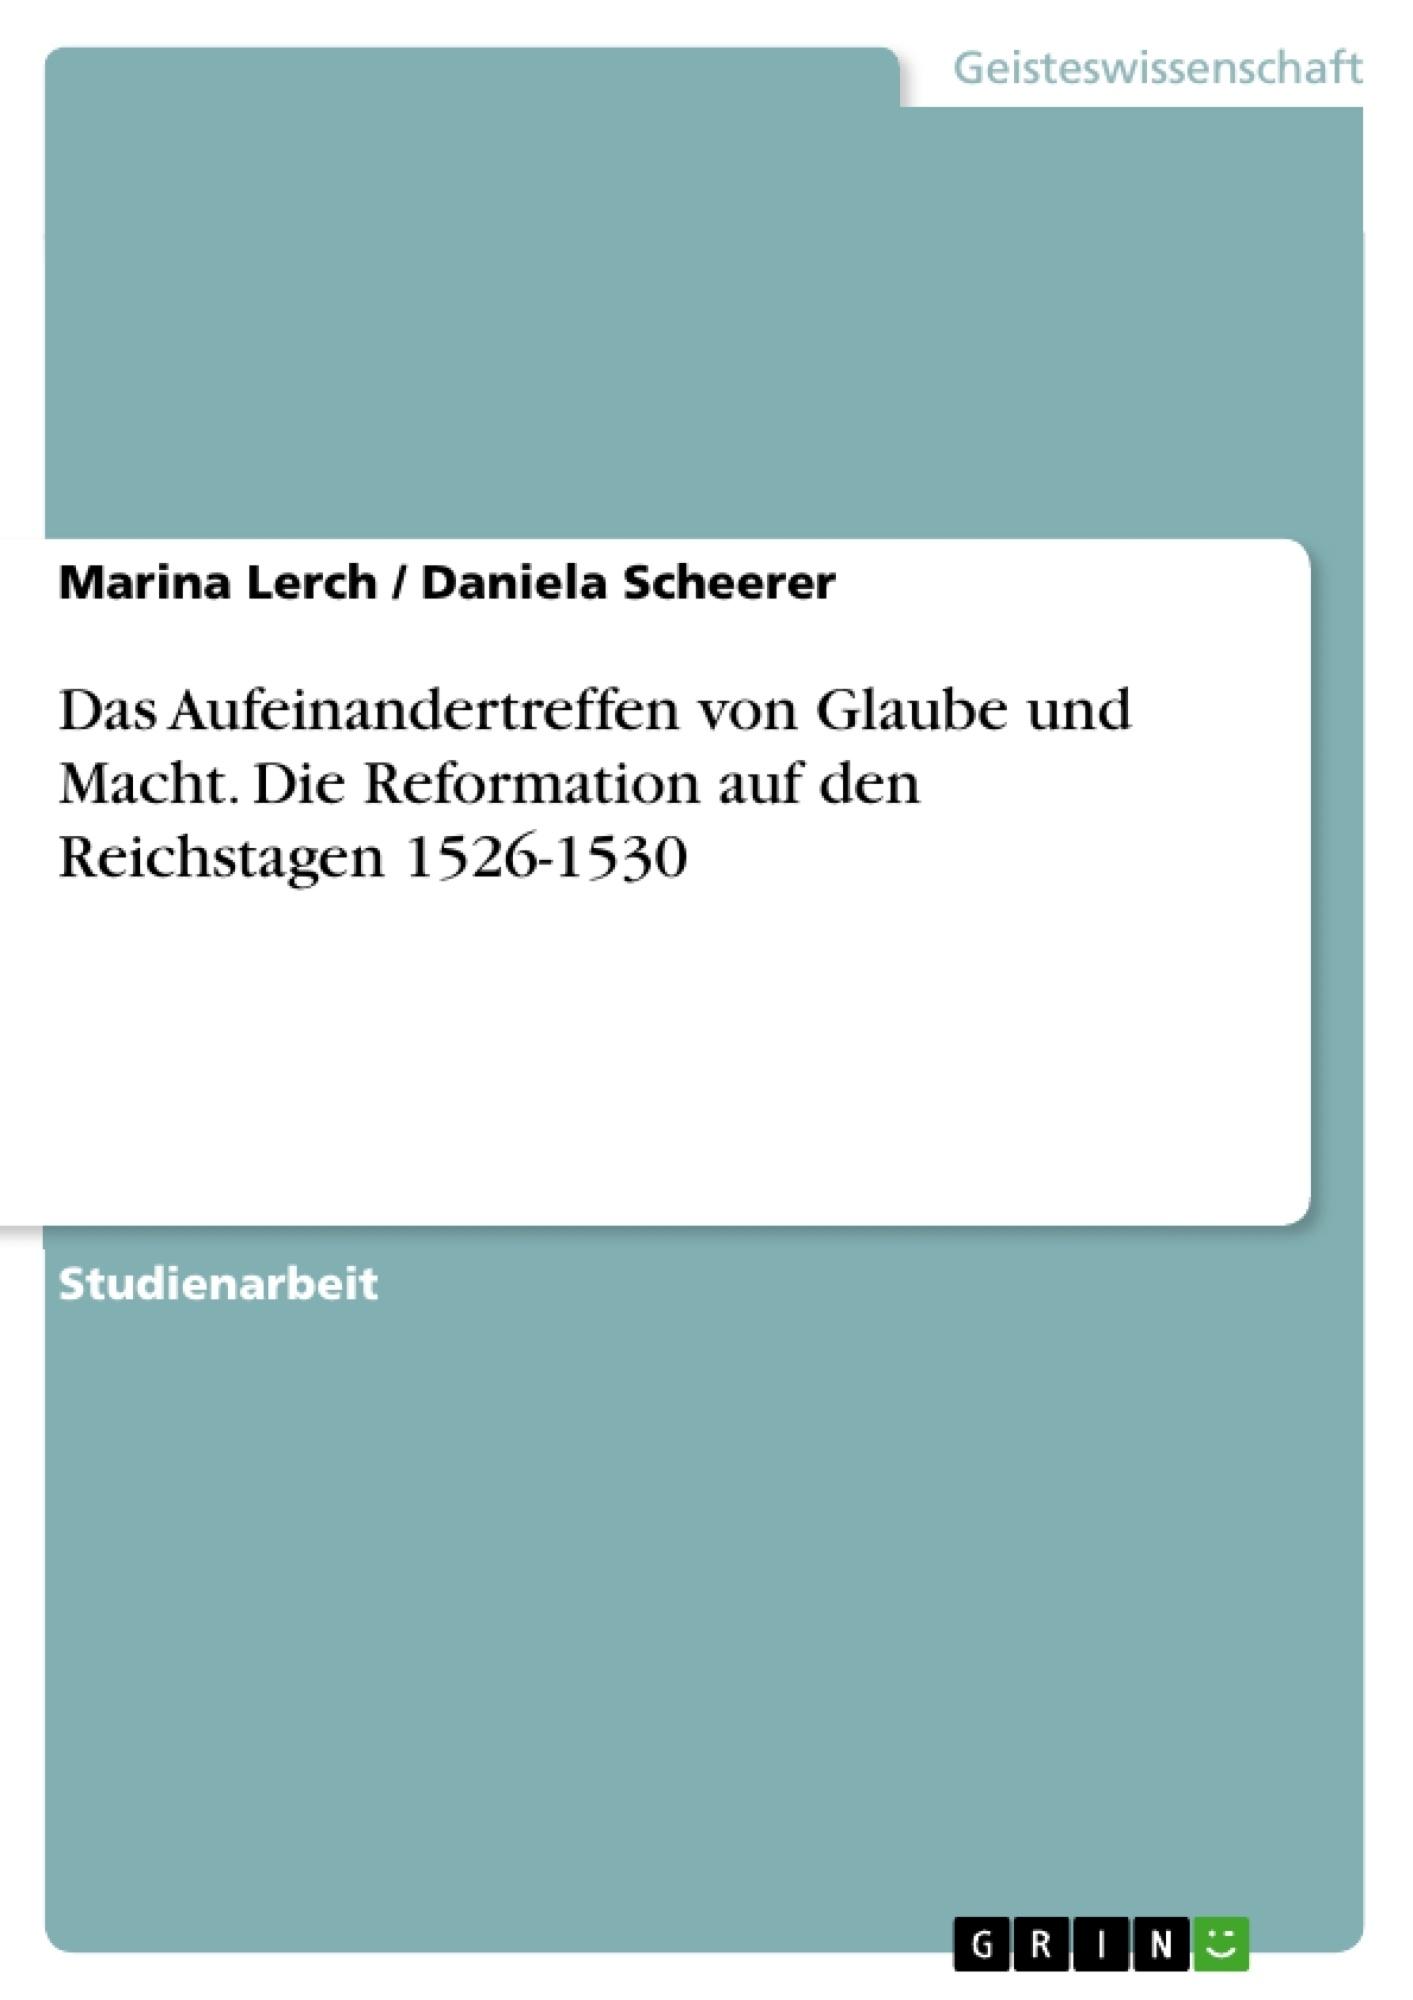 Titel: Das Aufeinandertreffen von Glaube und Macht. Die Reformation auf den Reichstagen 1526-1530